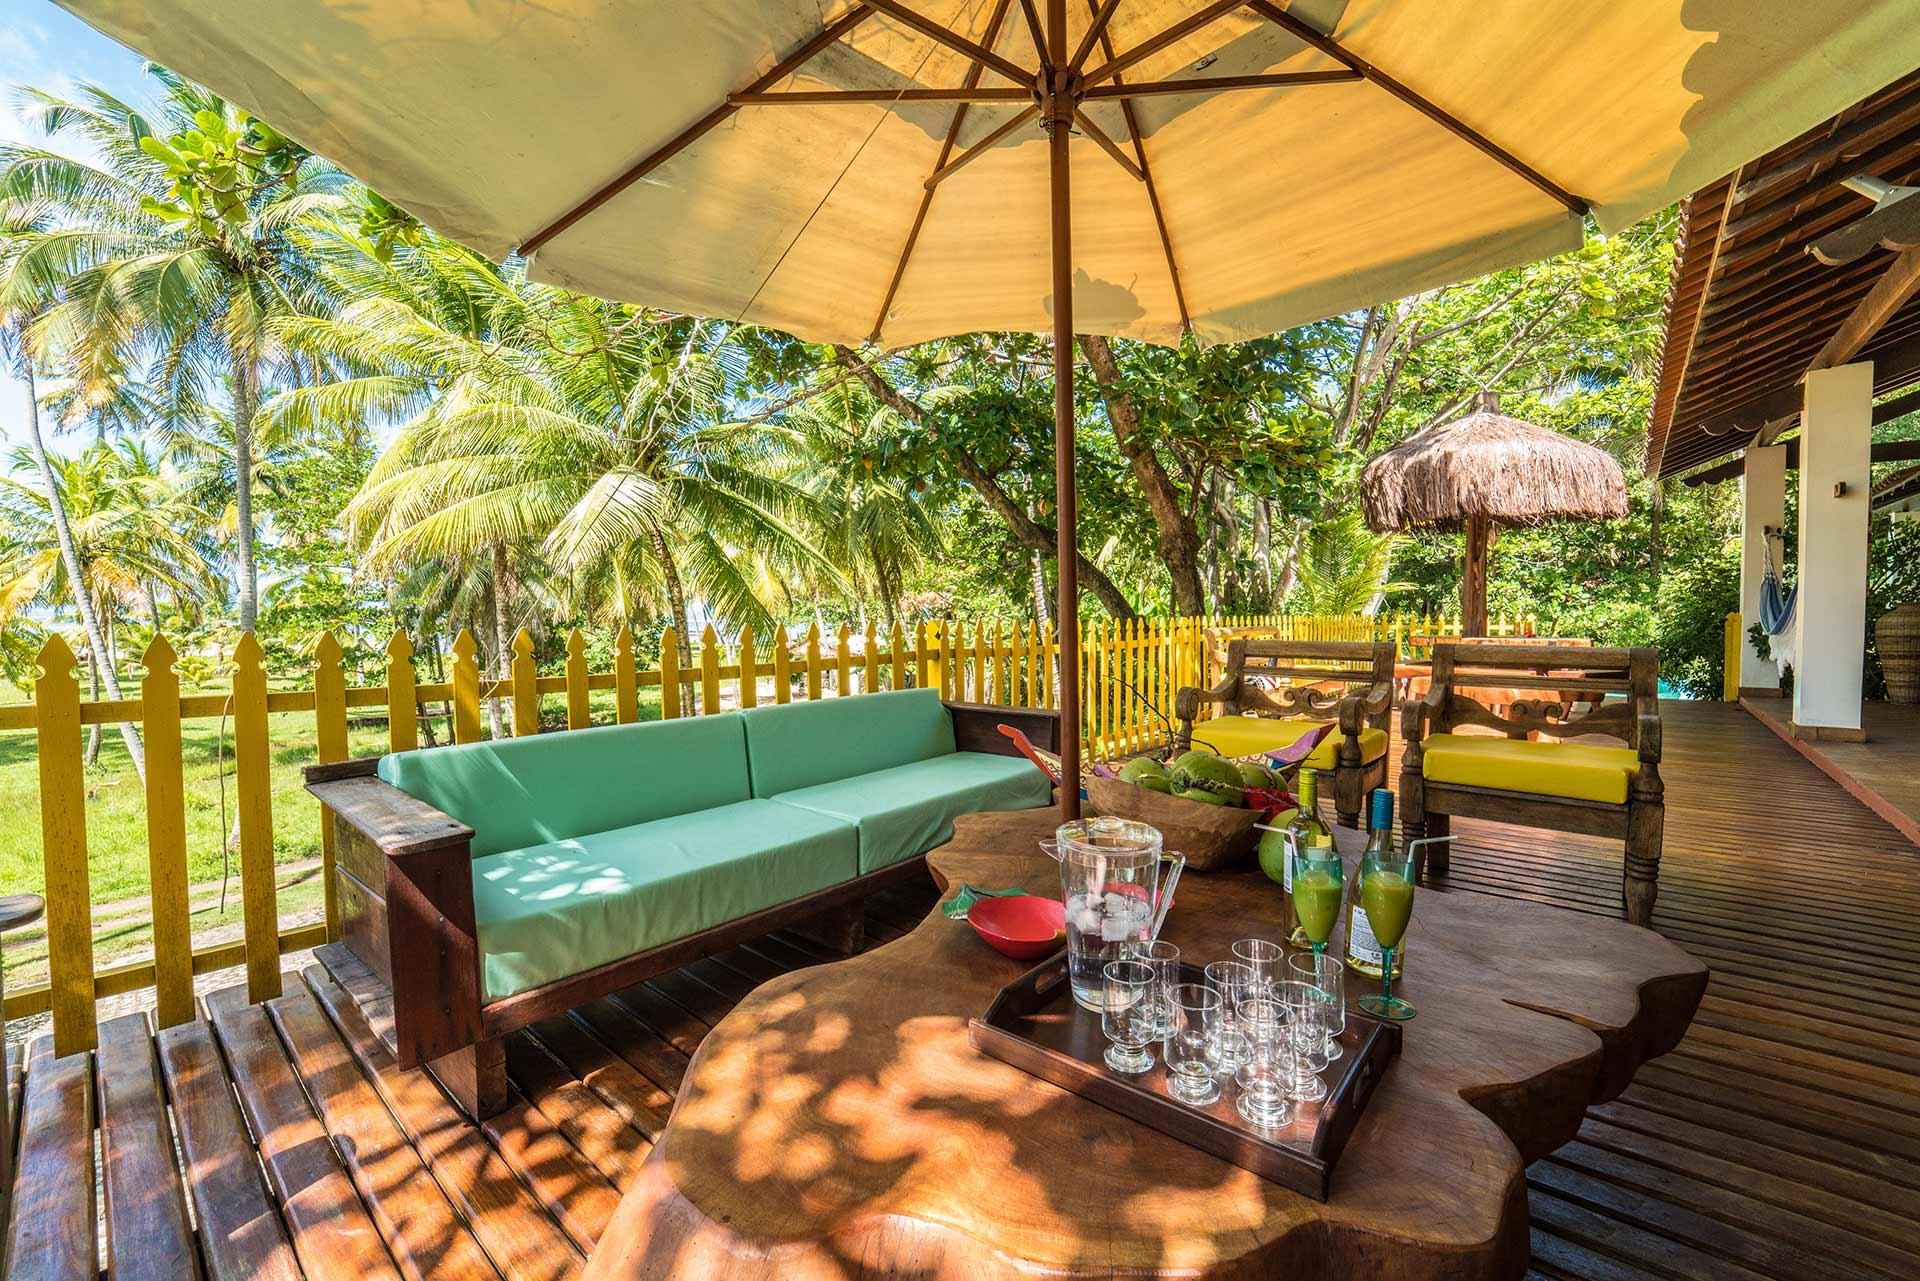 Casa Areia Colorida - Deck